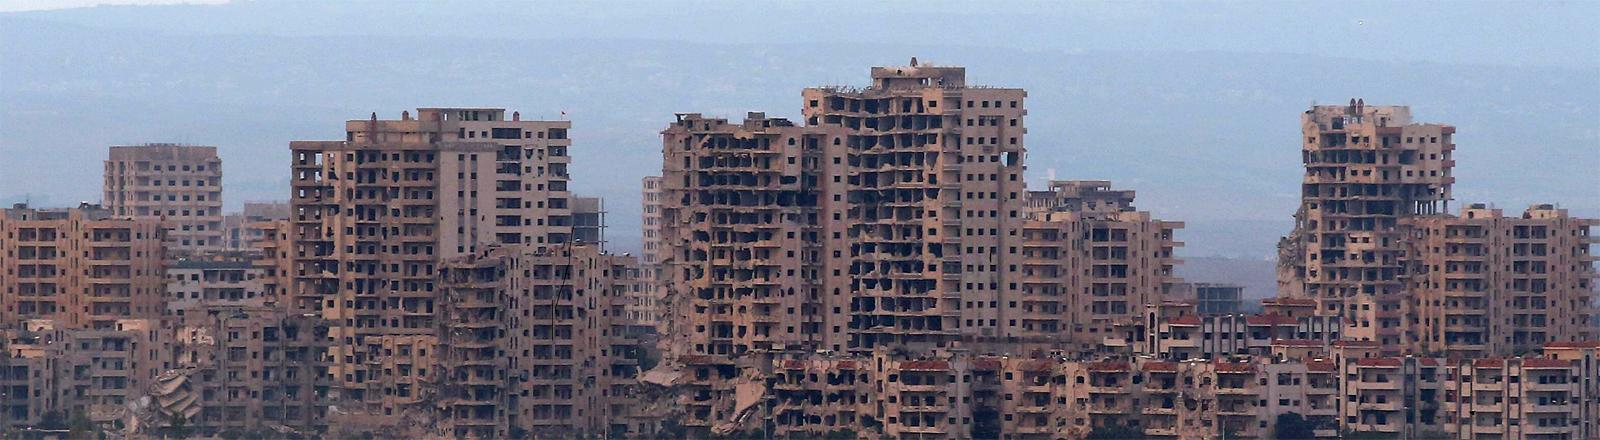 Homs im Oktober 2015: zerstörte Wohngebäude